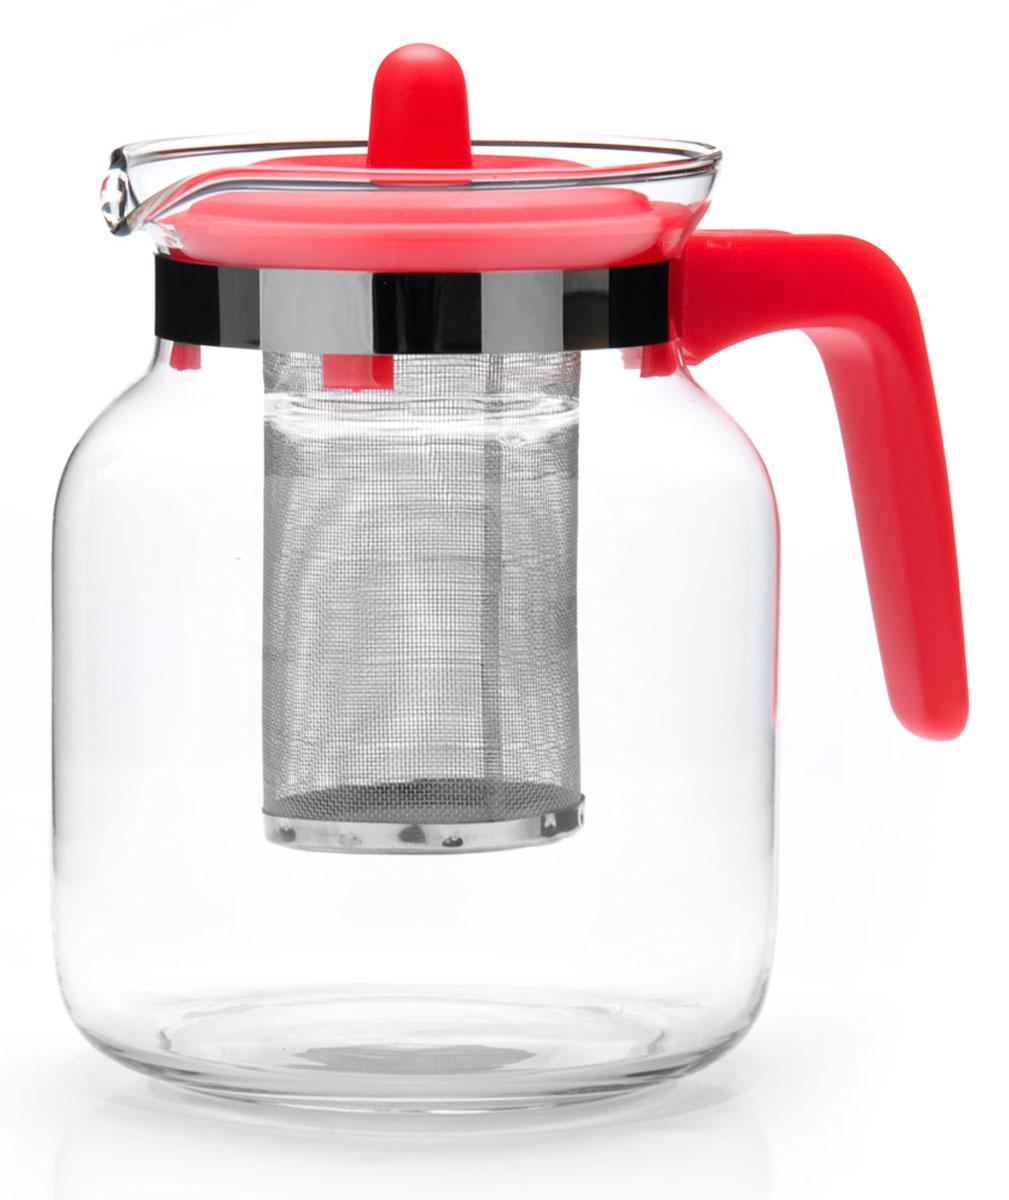 Чайник заварочный Mayer&Boch, 1,45 л. 26808-226808-2Заварочный чайник Mayer&Boch изготовлен из термостойкого боросиликатного стекла, фильтр выполнены из нержавеющей стали.Изделия из стекла не впитывают запахи, благодаря чему вы всегда получите натуральный, насыщенный вкус и аромат напитков.Заварочный чайник из стекла удобно использовать для повседневного заваривания чая практически любого сорта.Но цветочные, фруктовые, красные и желтые сорта чая лучше других раскрывают свой вкус и аромат при заваривании именно в стеклянных чайниках, а также сохраняют все полезные ферменты и витамины, содержащиеся в чайных листах.Стальной фильтр гарантирует прозрачность и чистоту напитка от чайных листьев, при этом сохранив букет и насыщенность чая.Прозрачные стенки чайника дают возможность насладиться насыщенным цветом заваренного чая.Изящный заварочный чайник Mayer&Boch будет прекрасно смотреться в любом интерьере.Подходит для мытья в посудомоечной машине.